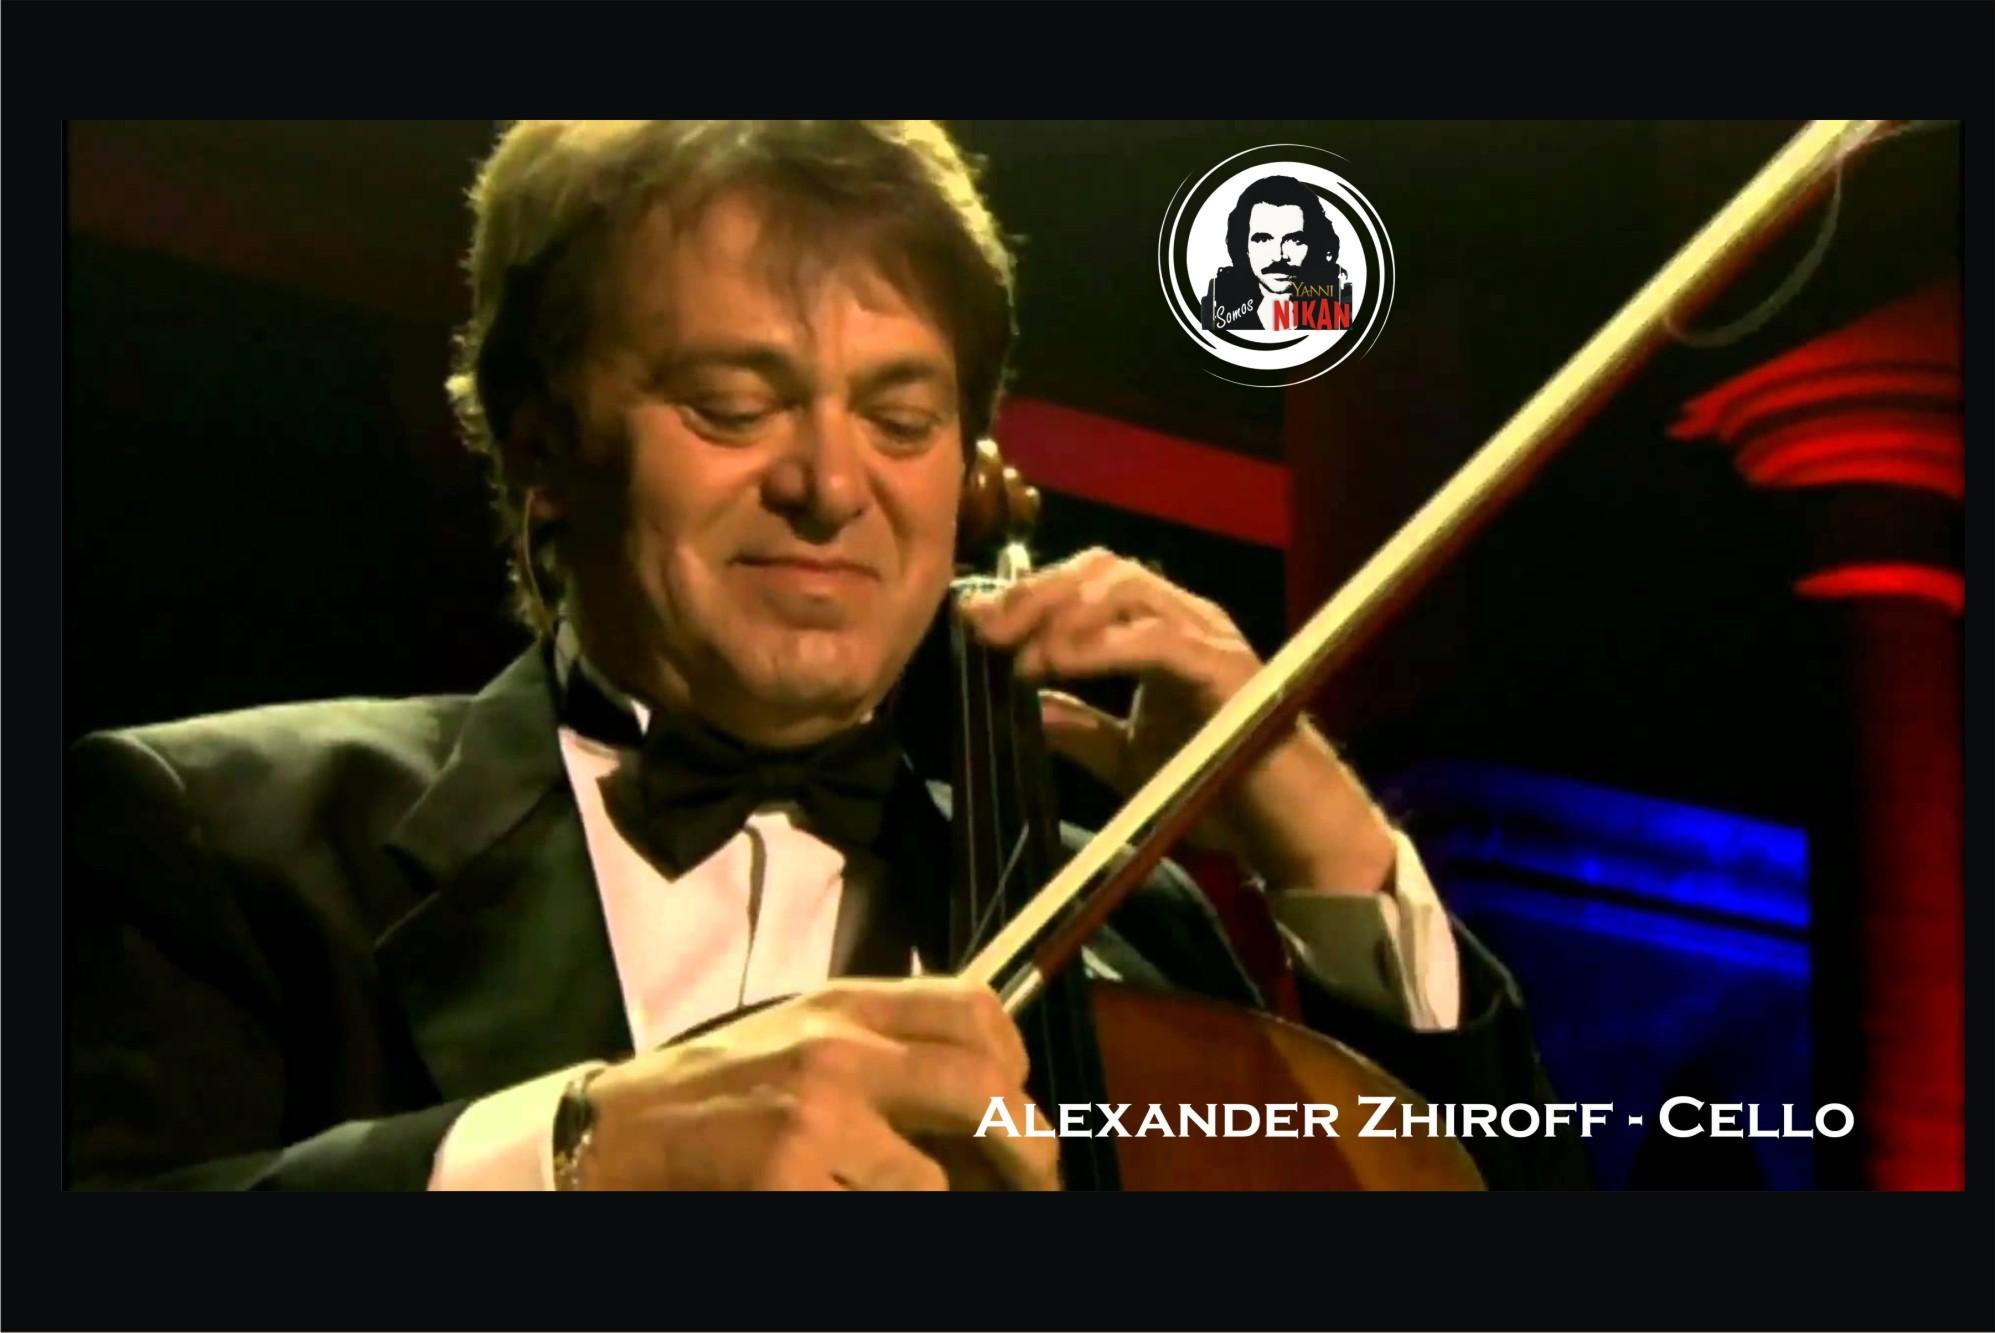 Alexander Zhiroff